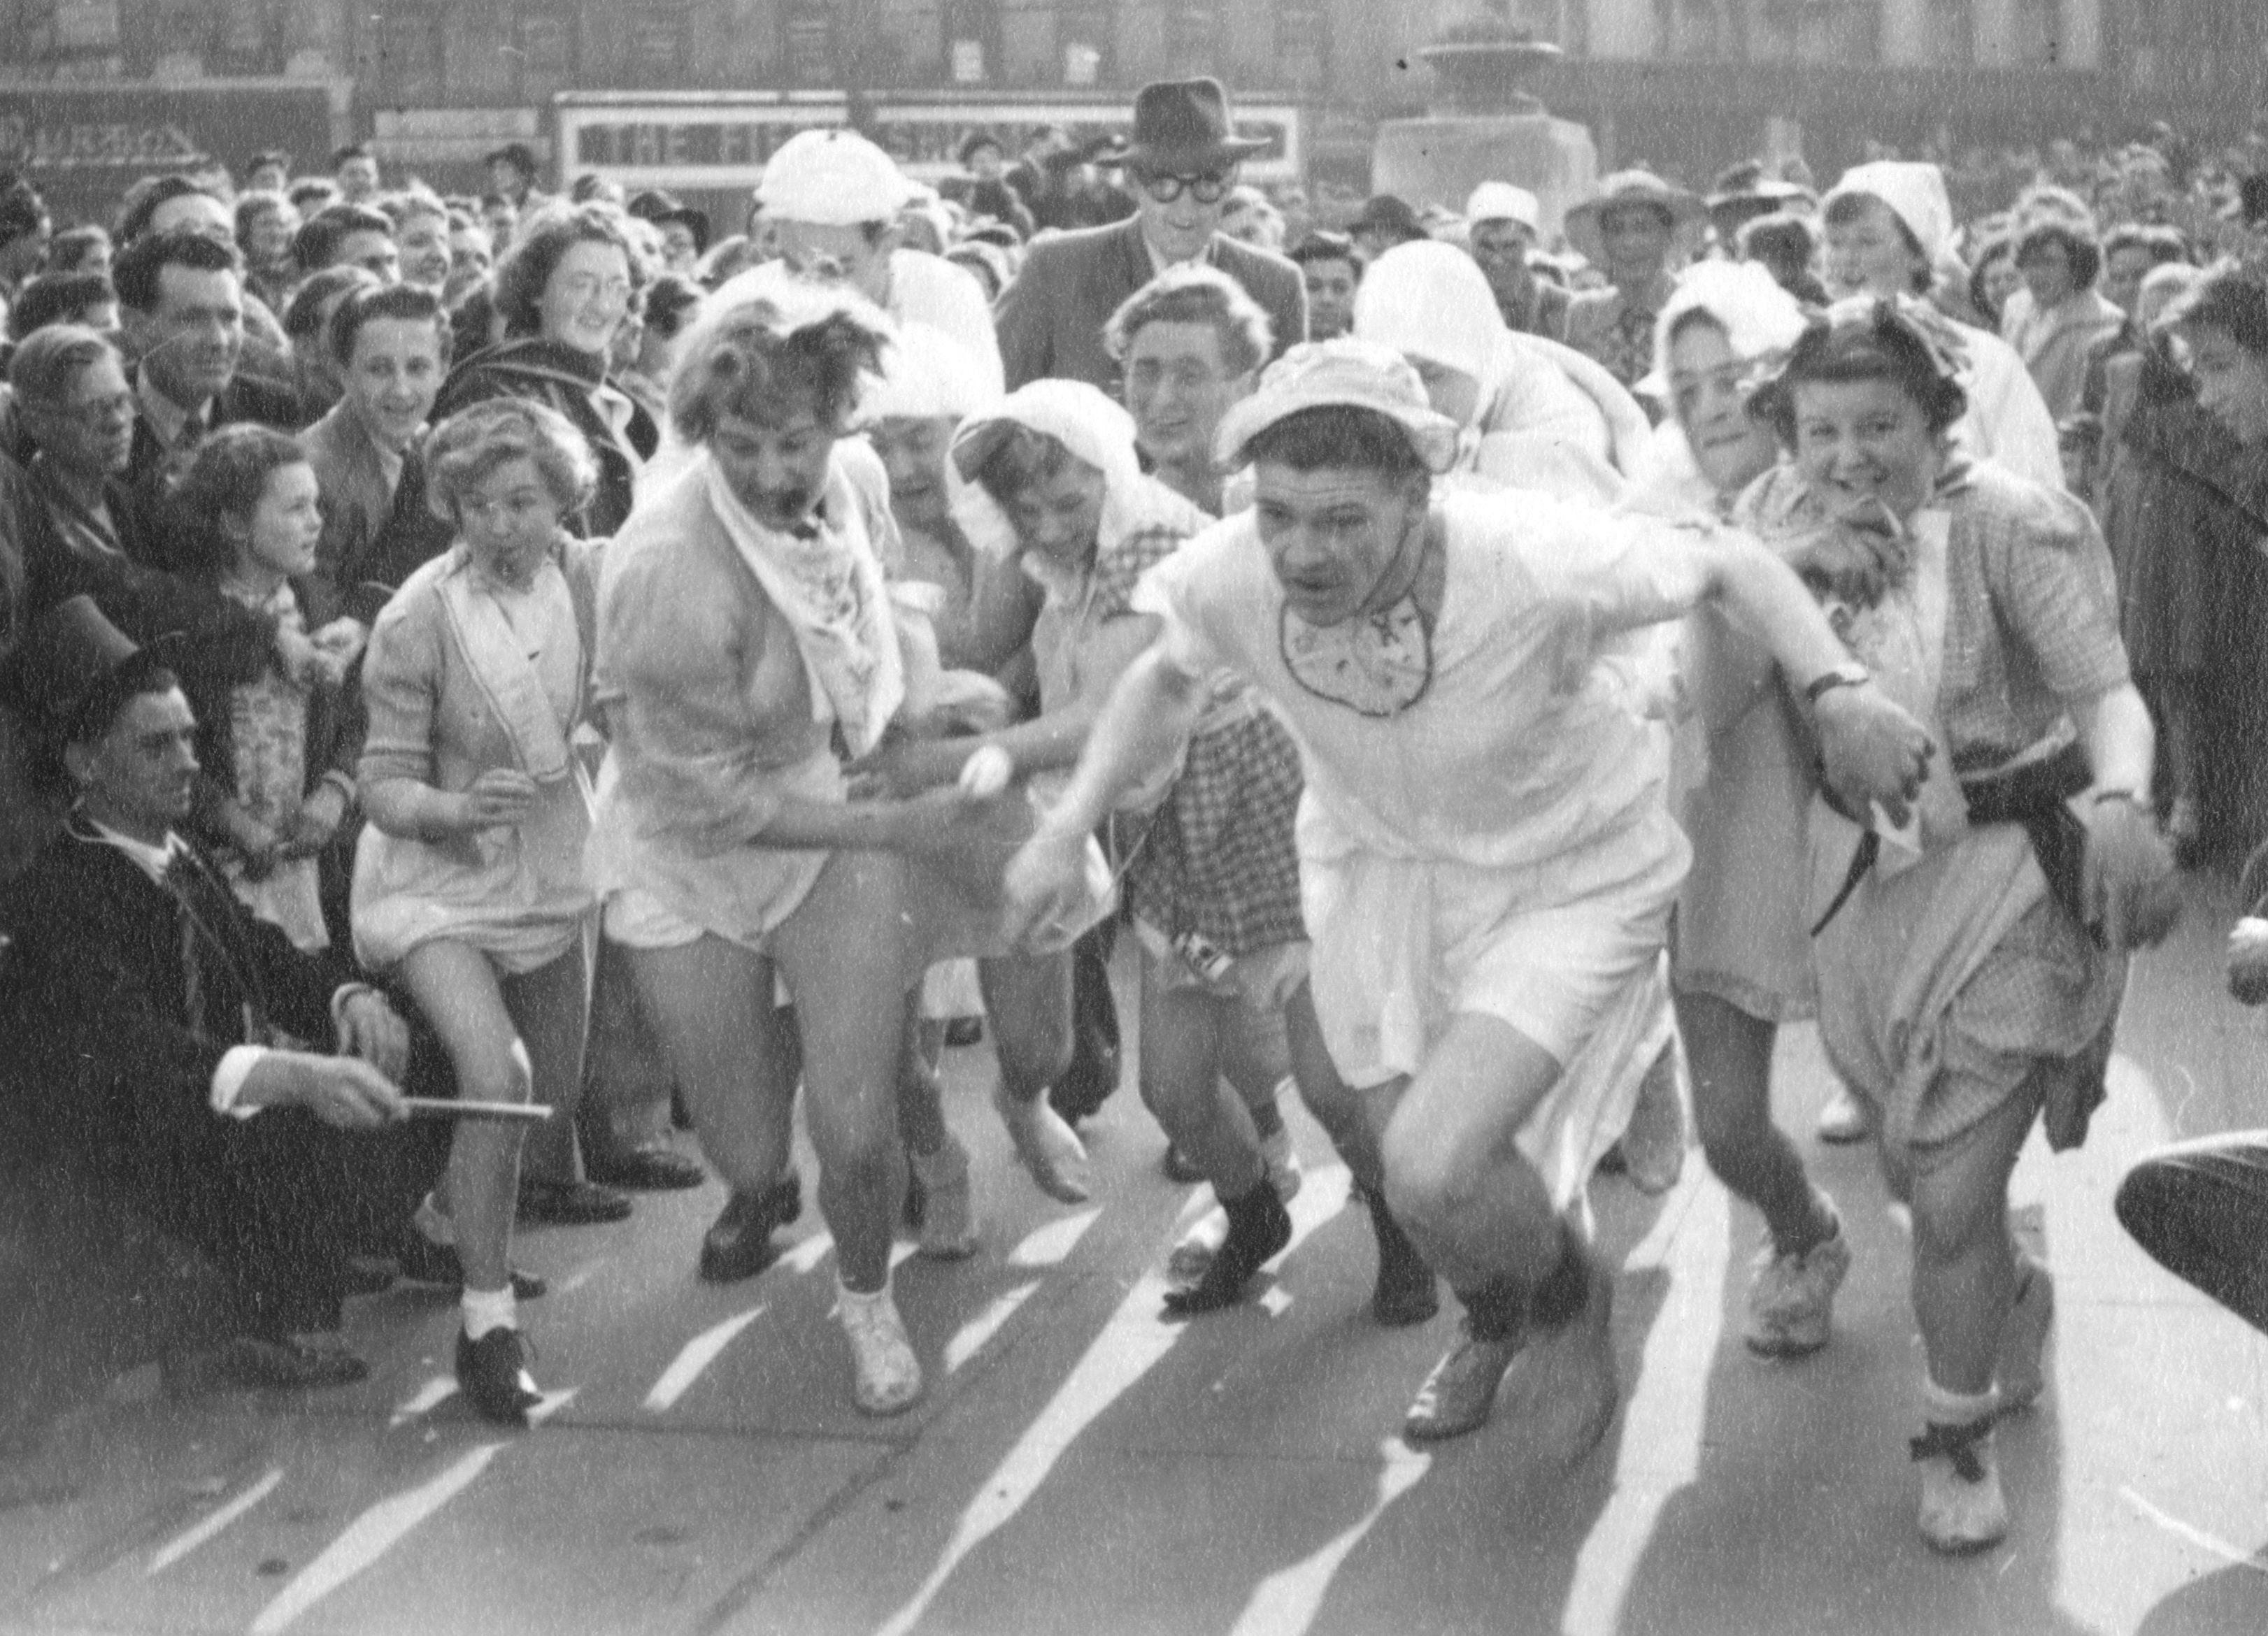 Students running in a fancy dress race, 1950